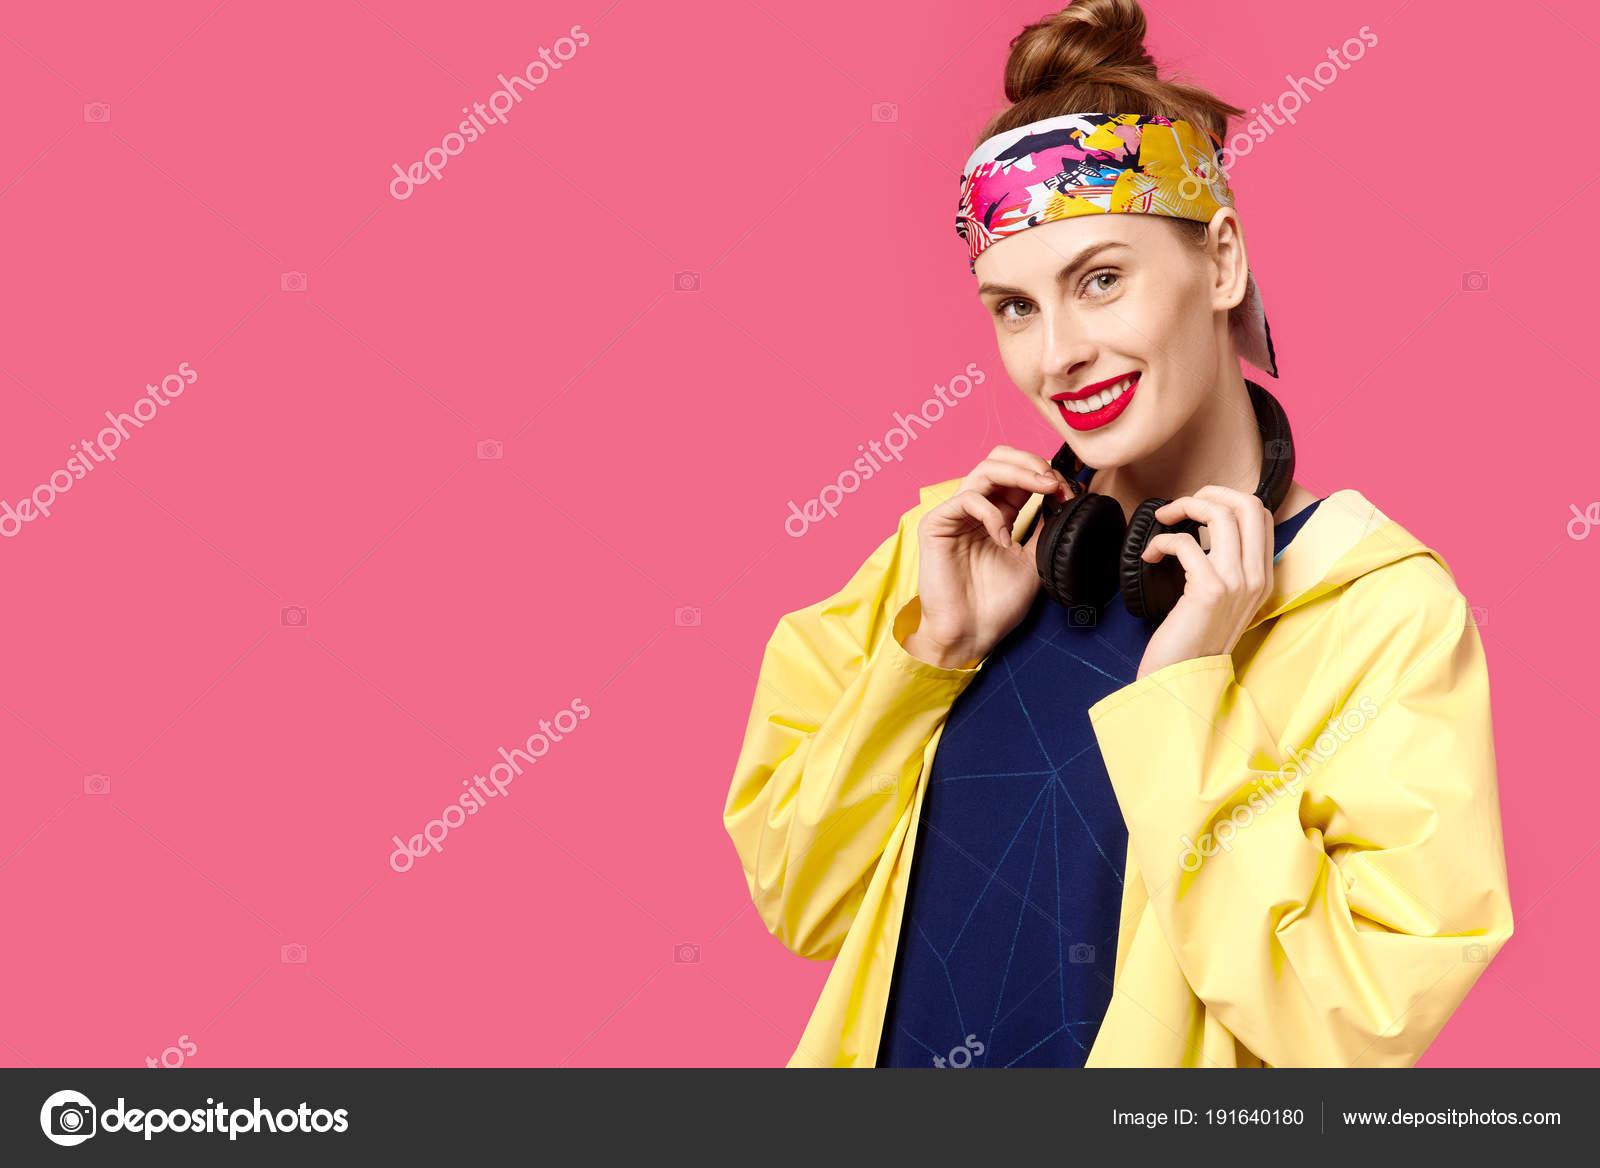 359a125d34a ... žena na růžovém pozadí a žlutý kabát posloucháte hudbu prostřednictvím  bezdrátových sluchátek. Pojem zdravé výživy a sportu. Barevný koncept  posedlost.